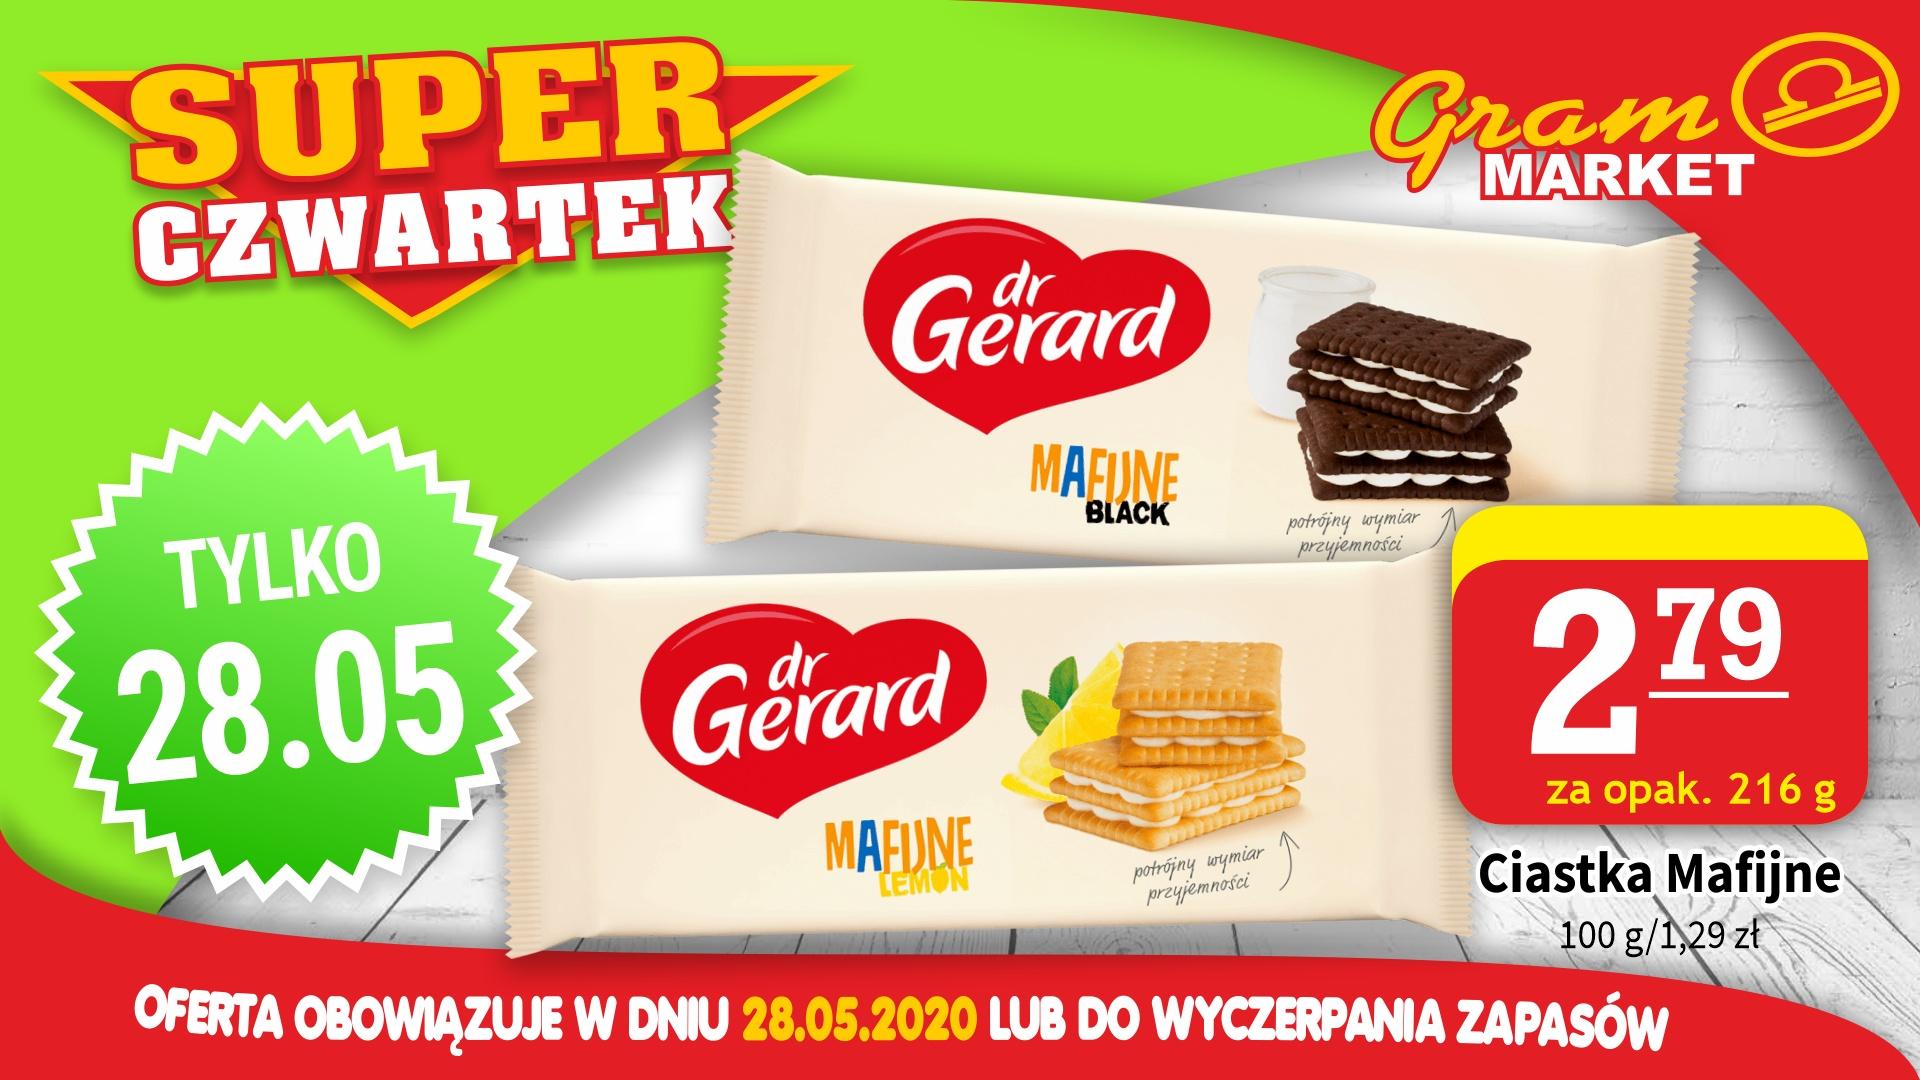 SUPER_TYDZIEN-28.05.2020-1